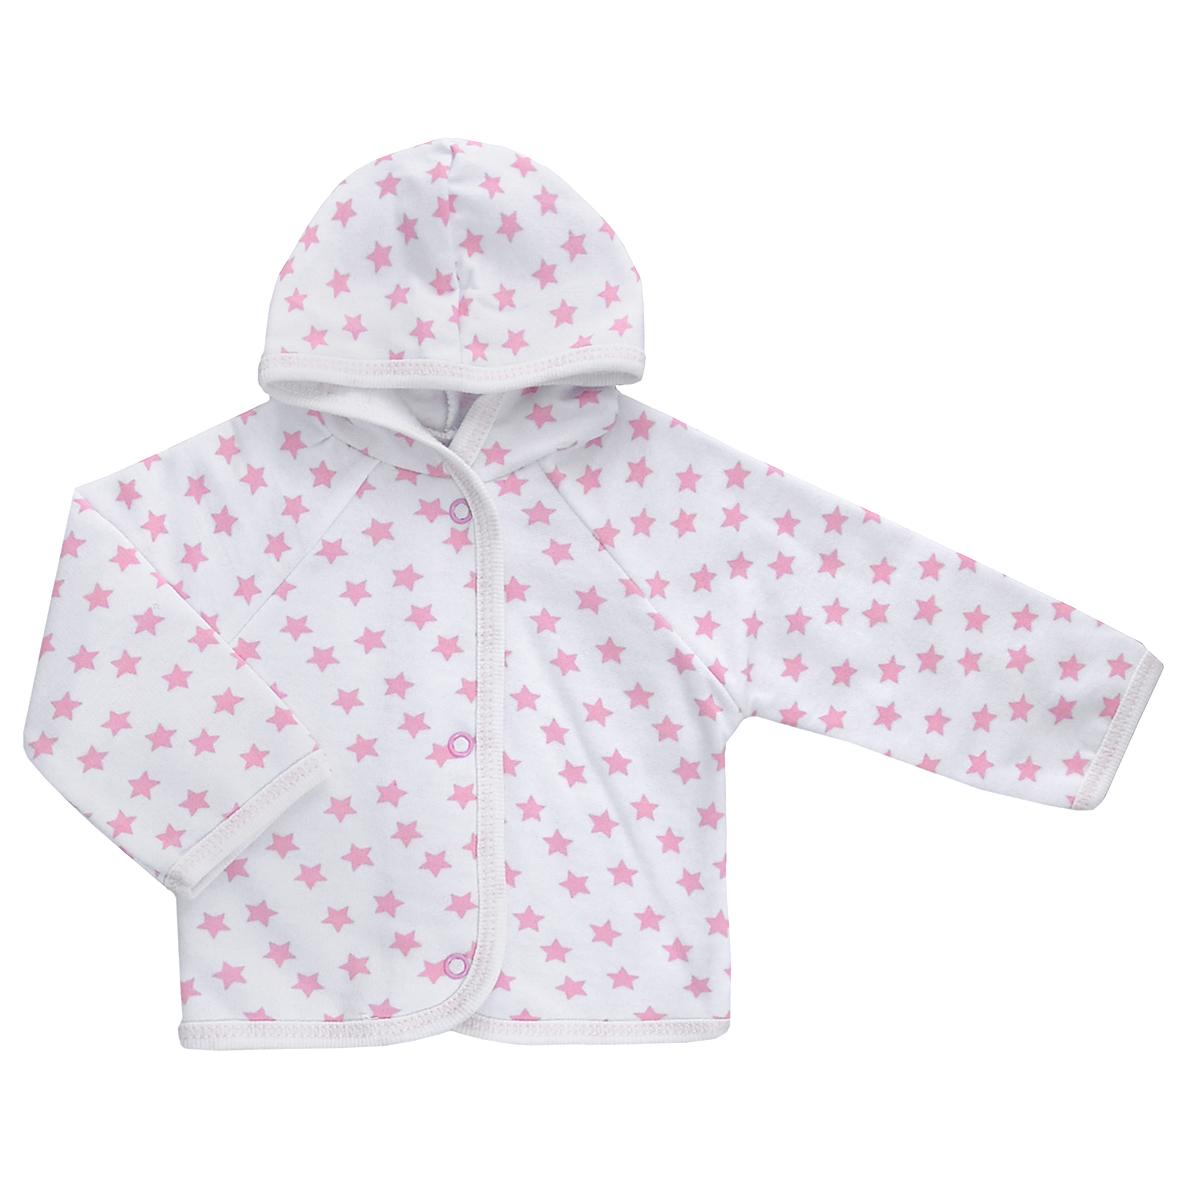 Кофточка детская Трон-плюс, цвет: белый, розовый, рисунок звезды. 5172. Размер 86, 18 месяцев5172Теплая кофточка Трон-плюс идеально подойдет вашему младенцу и станет идеальным дополнением к гардеробу вашего ребенка, обеспечивая ему наибольший комфорт. Изготовленная из футера - натурального хлопка, она необычайно мягкая и легкая, не раздражает нежную кожу ребенка и хорошо вентилируется, а эластичные швы приятны телу малыша и не препятствуют его движениям. Удобные застежки-кнопки по всей длине помогают легко переодеть младенца. Модель с длинными рукавами-реглан дополнена капюшоном. По краям кофточка обработана бейкой и украшена оригинальным принтом.Кофточка полностью соответствует особенностям жизни ребенка в ранний период, не стесняя и не ограничивая его в движениях.